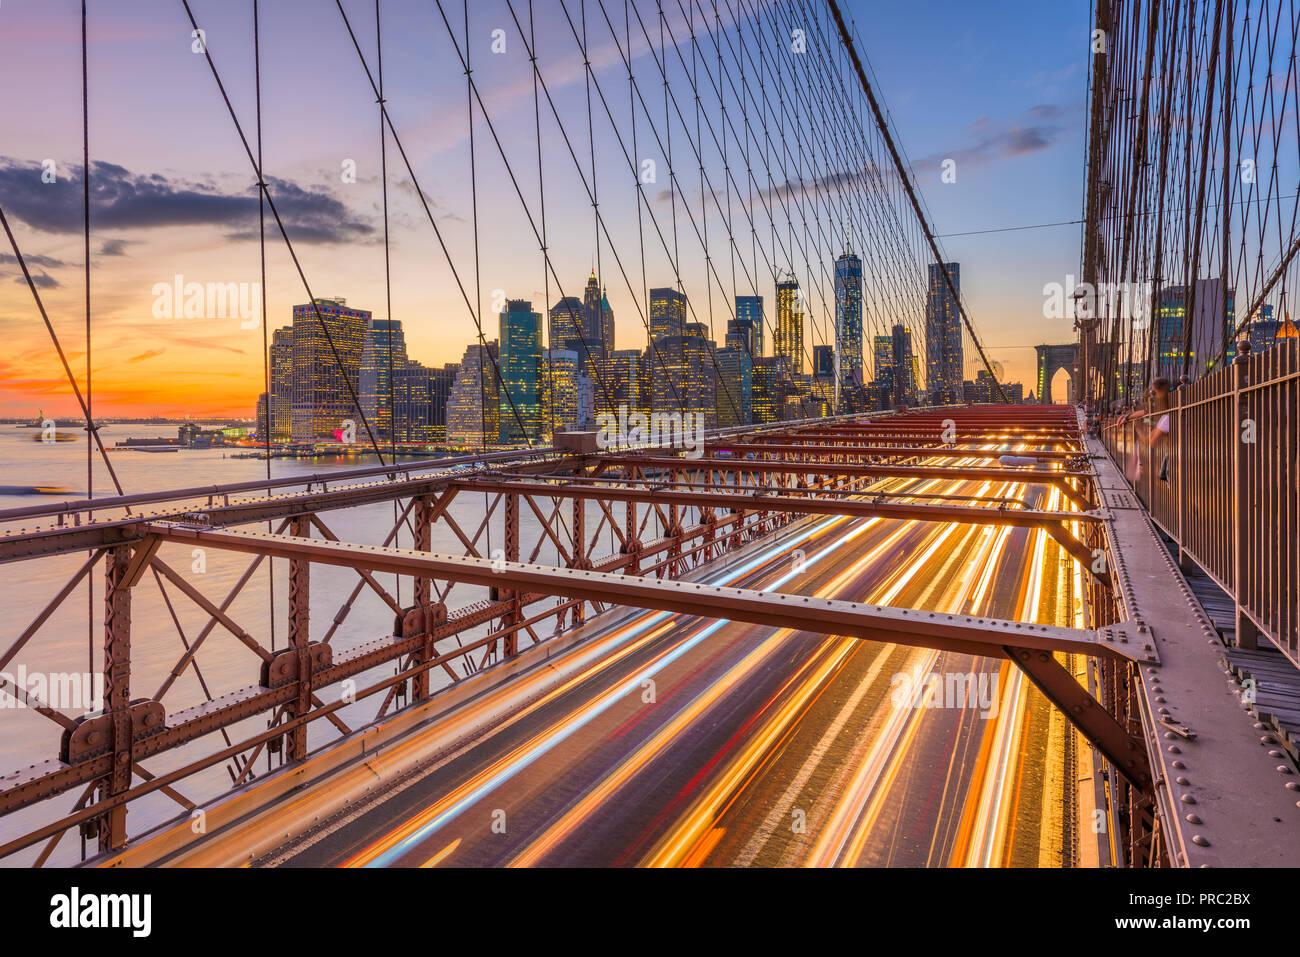 New York, New York, USA Le Lower Manhattan skyline après le coucher du soleil depuis le pont de Brooklyn. Photo Stock